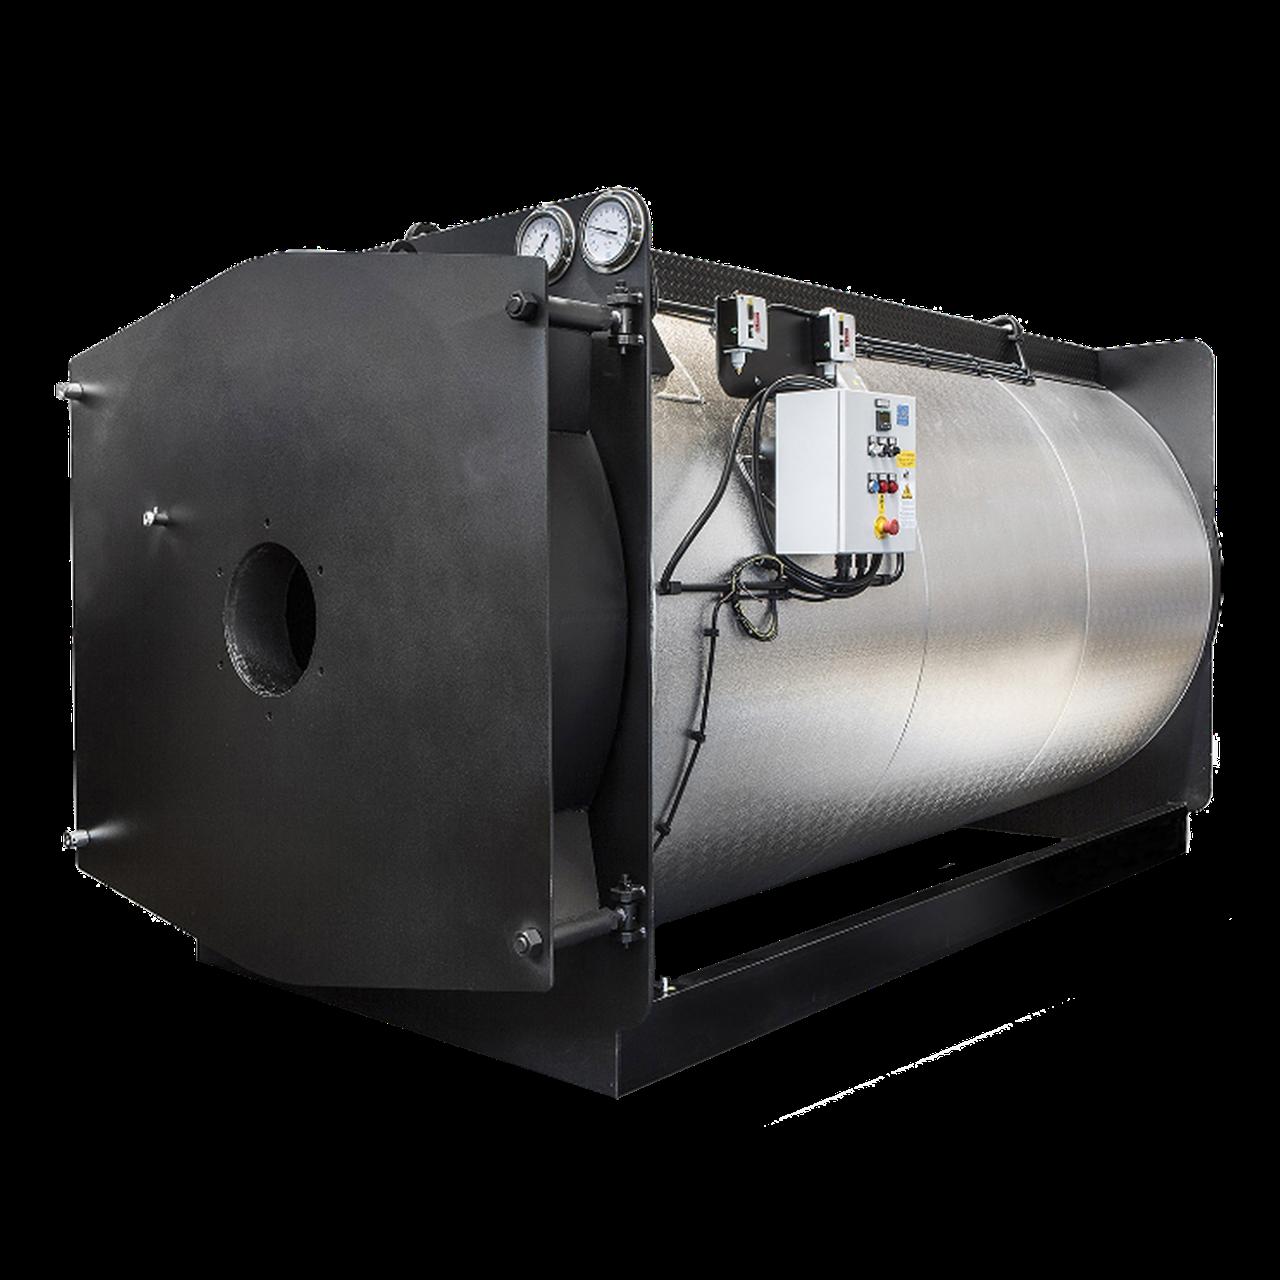 Котёл водогрейный Cronos BB-2400 (2400кВт)